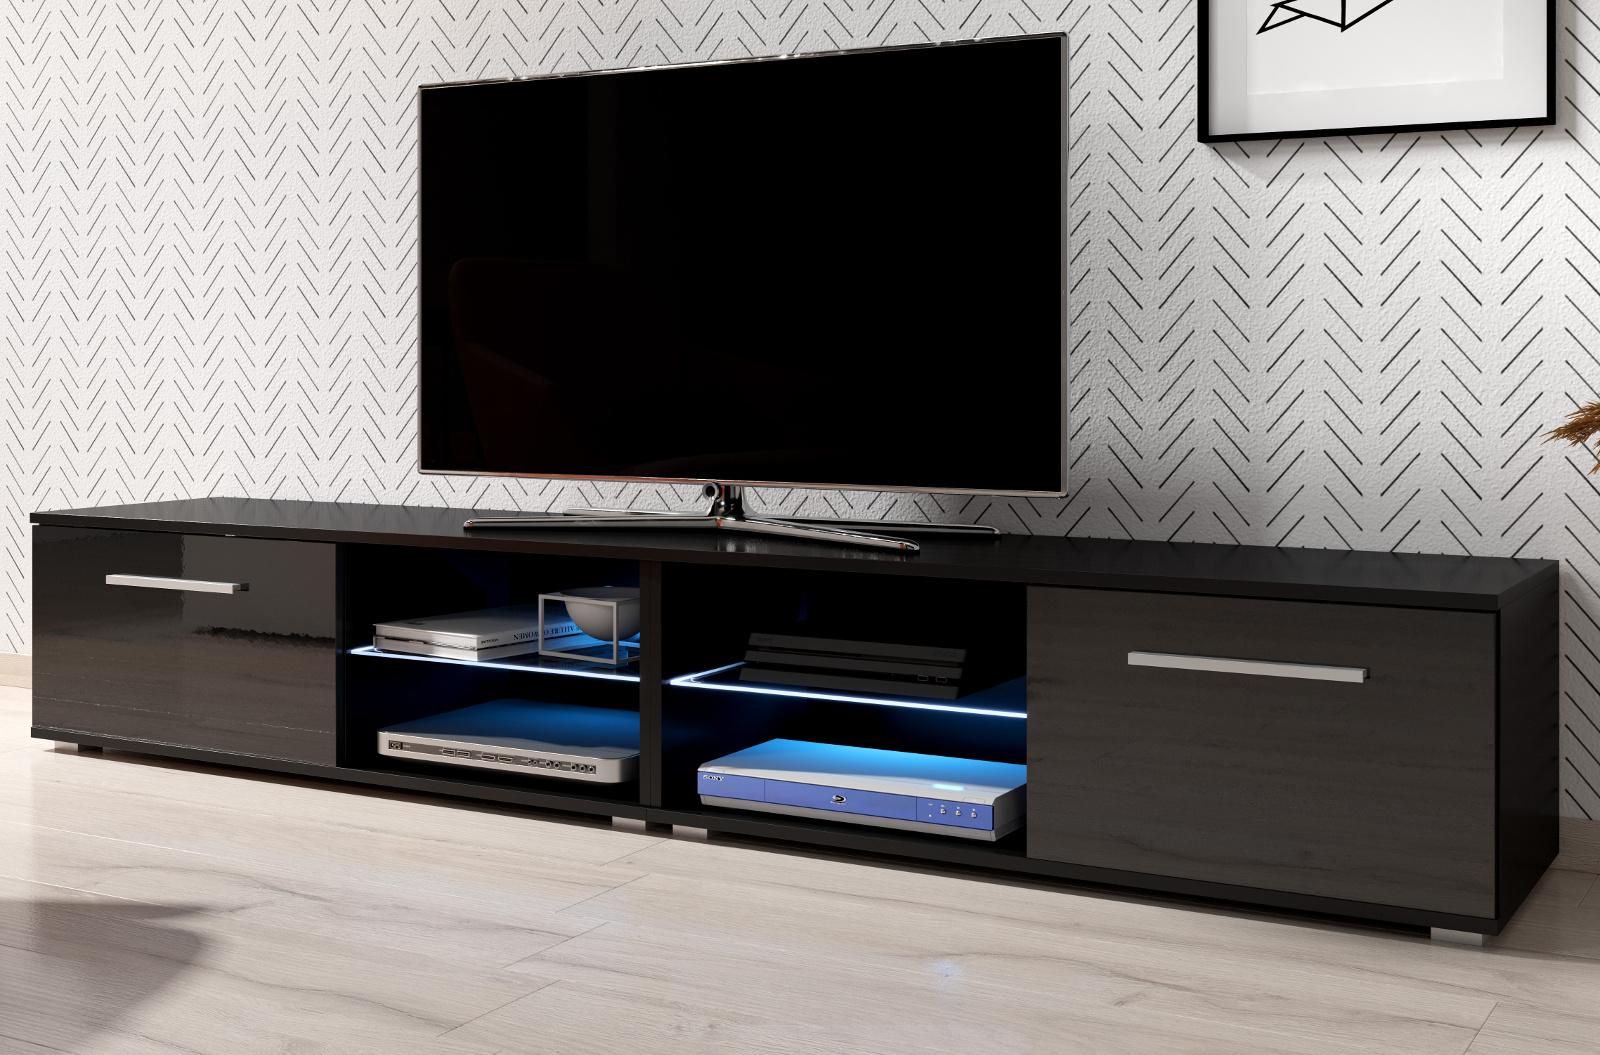 Tv Lowboard Earth In Hochglanz Schwarz Tv Unterteil 200 X 36 Cm Fernsehtisch Inkl Led Beleuchtung